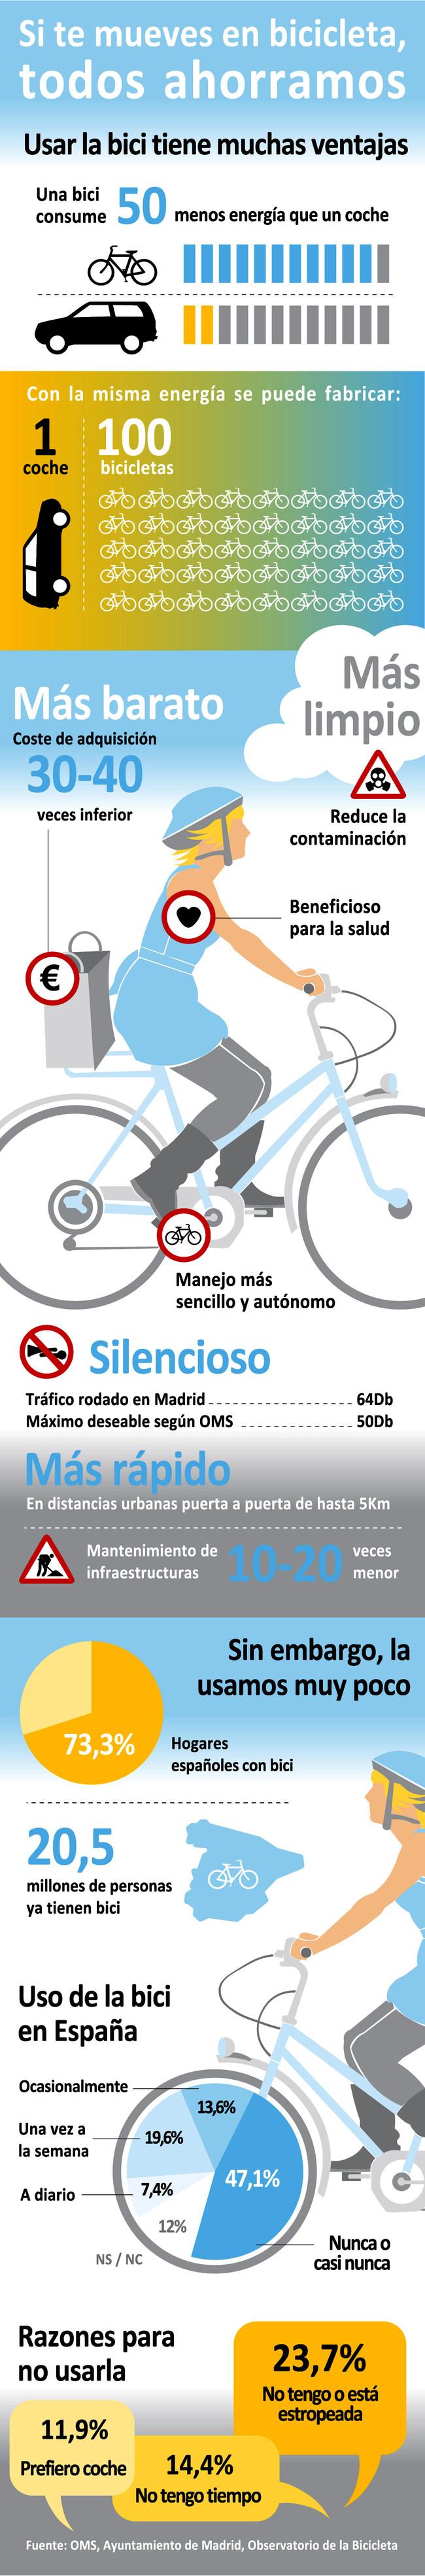 Uso de la bicicleta en España